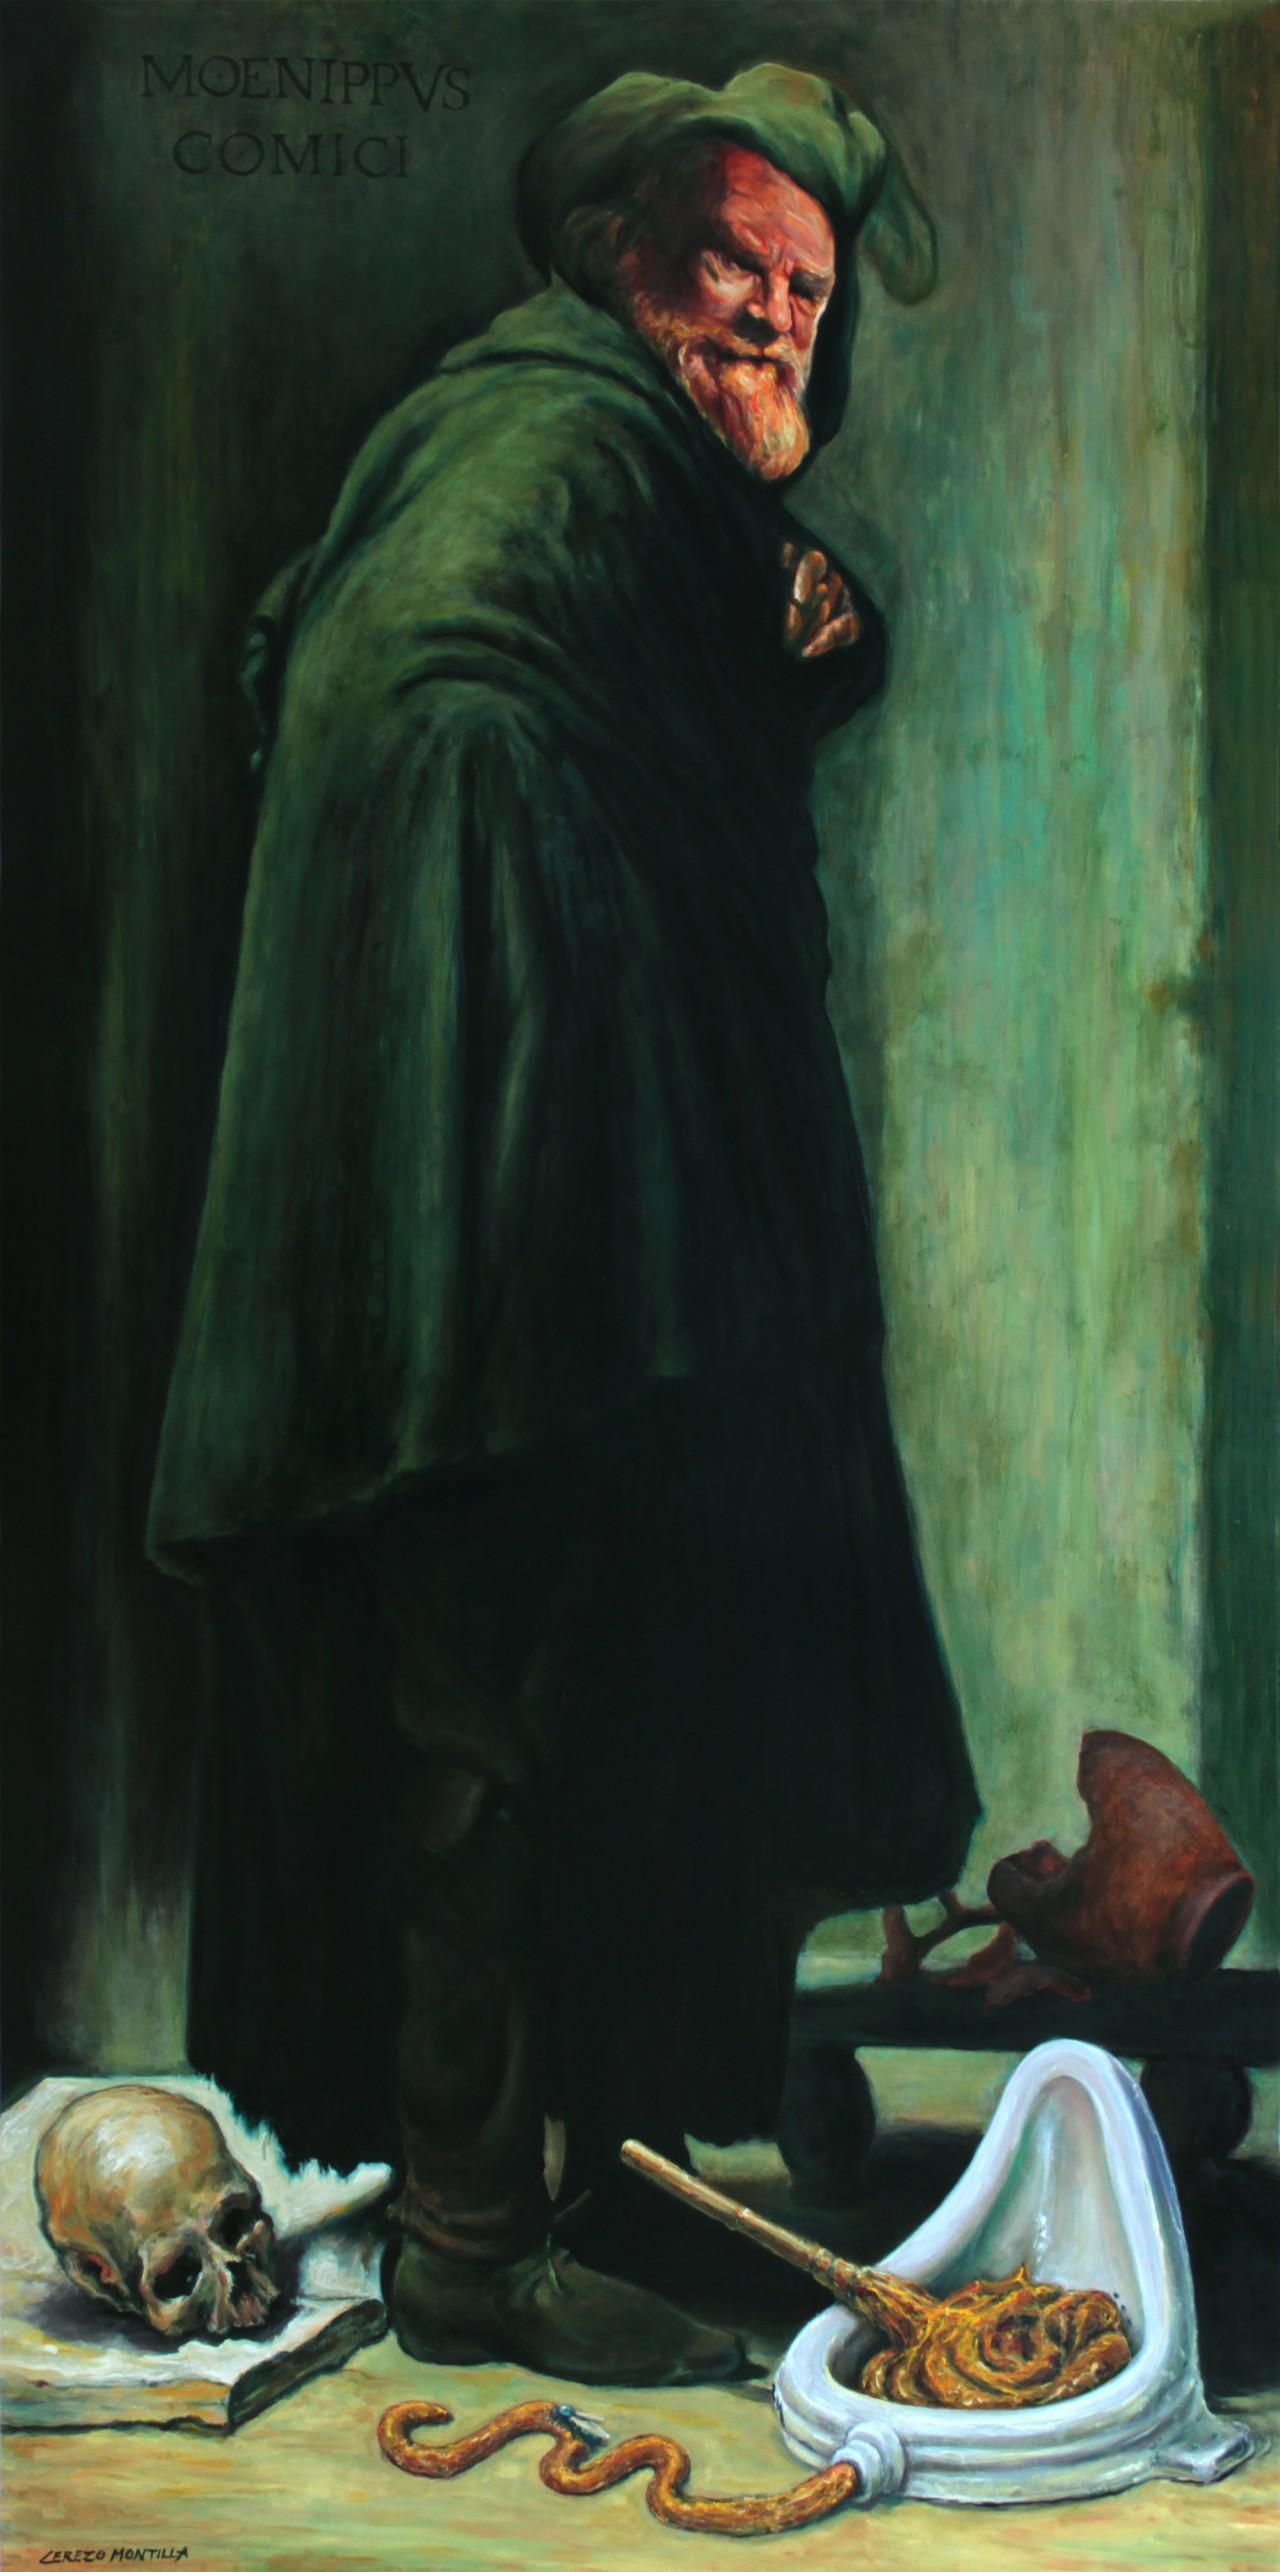 Moenipus Comici - Cerezo Montilla - compar cuadros modernos, comprar cuadros, cuadros modernos